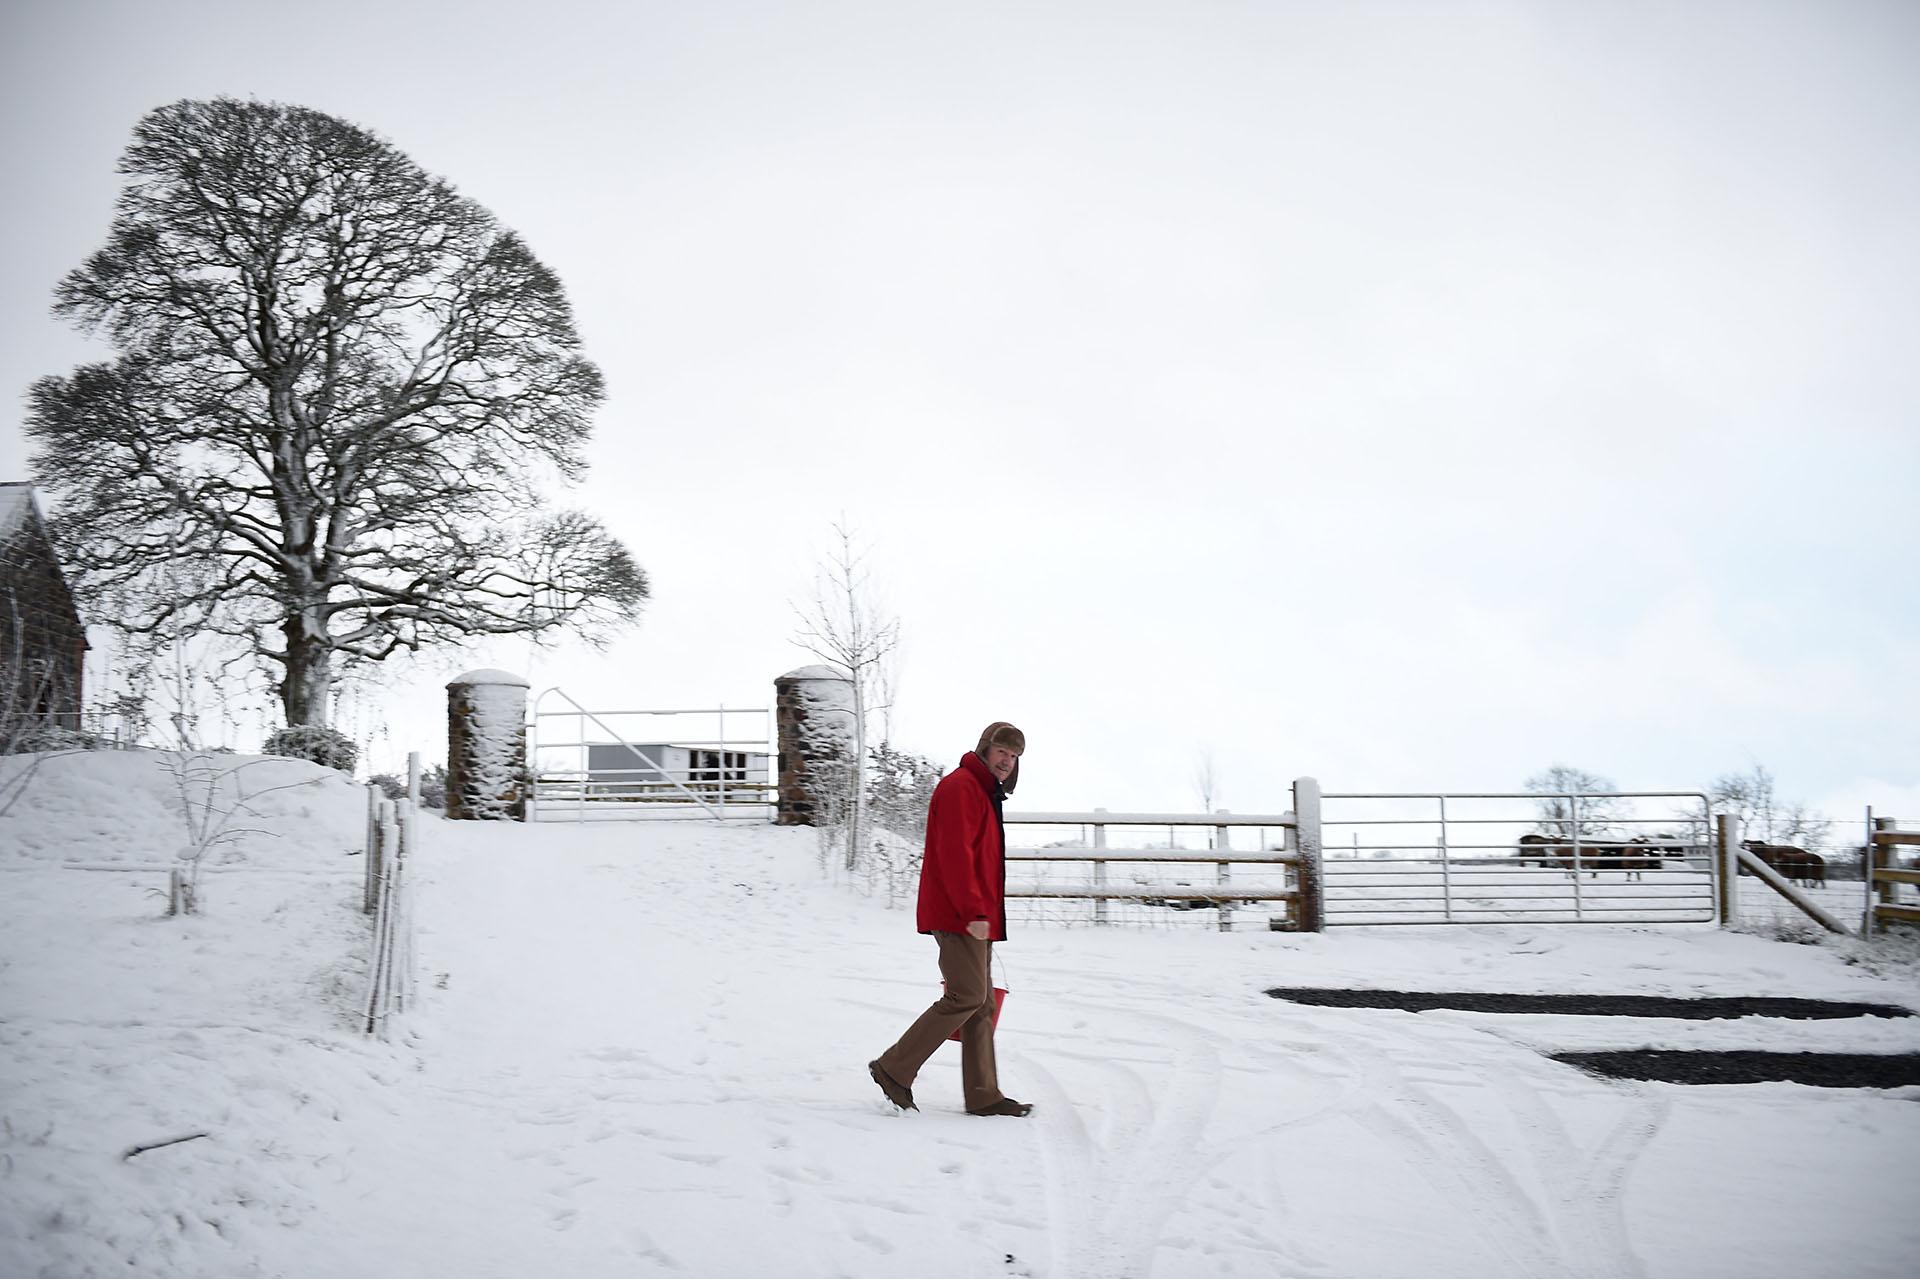 Un hombre alimenta a sus ovejas en la nieve en Hillsborough, Irlanda del Norte el 16 de enero de 2018 (Reuters)